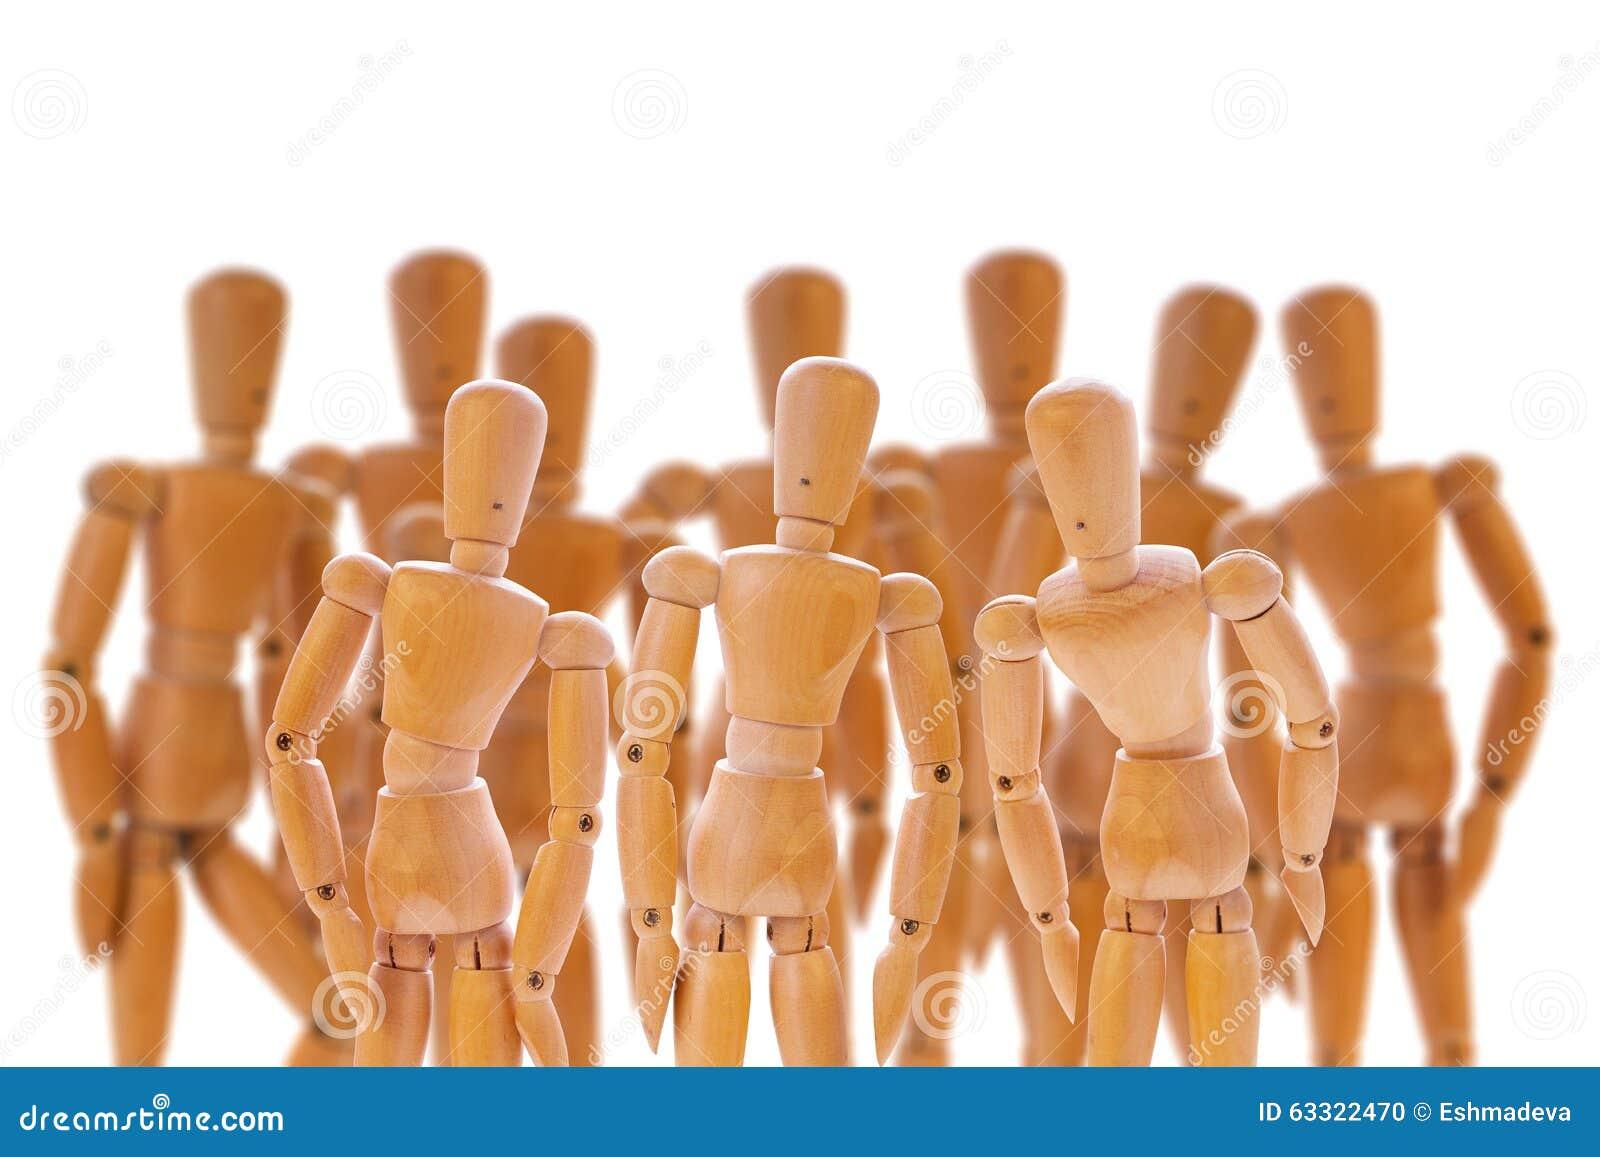 Grupo de manequins de madeira